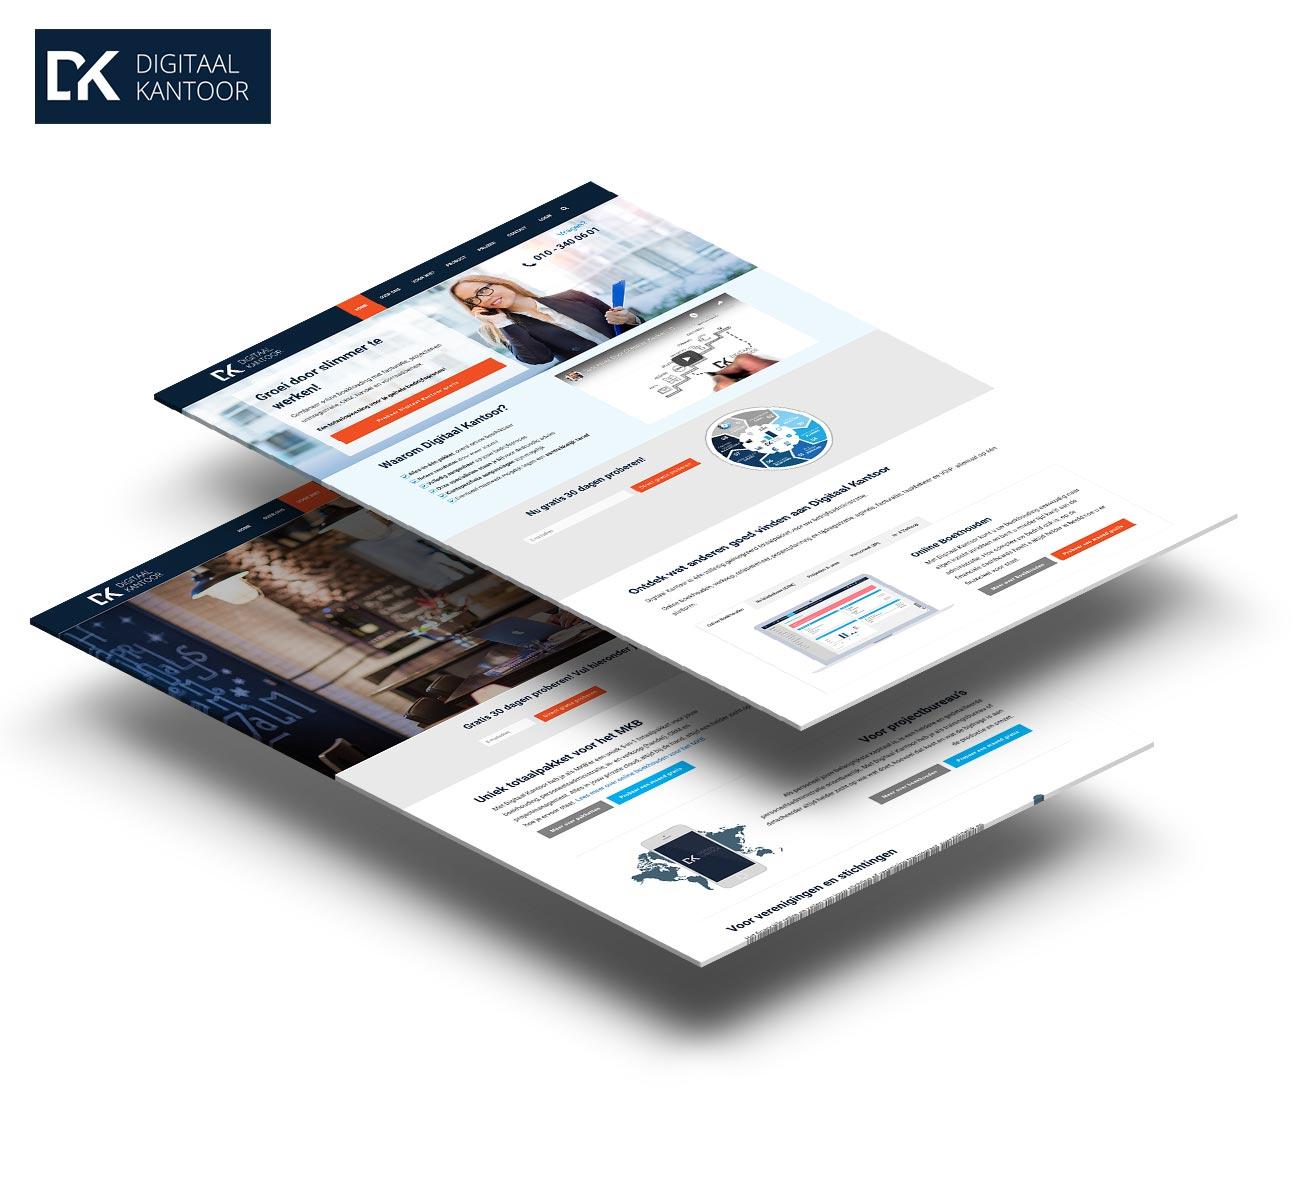 Digitaal kantoor website